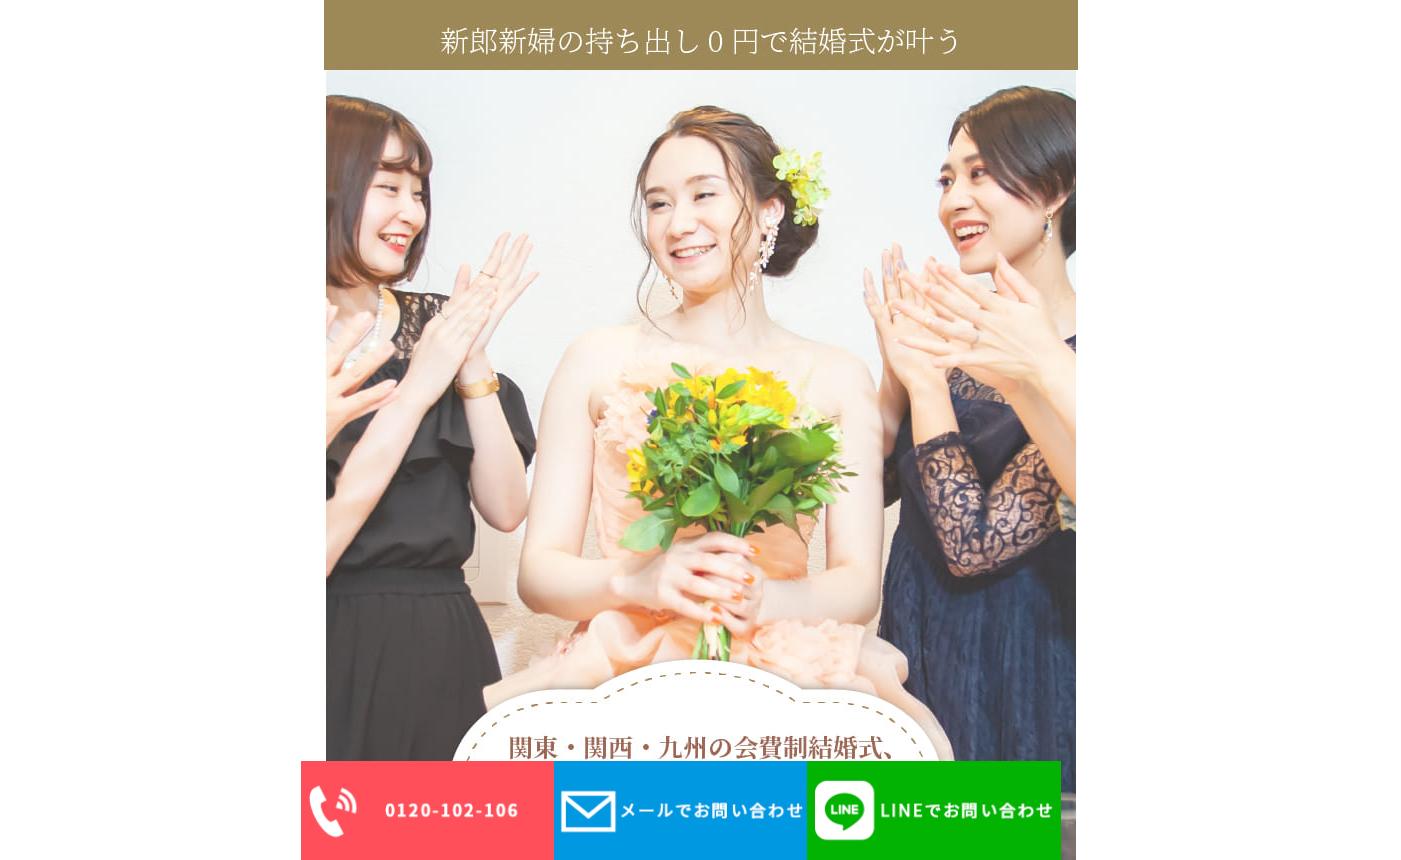 新郎新婦持ち出し0円で結婚式が叶う (関東・関西・九州) 【会費制の結婚式】